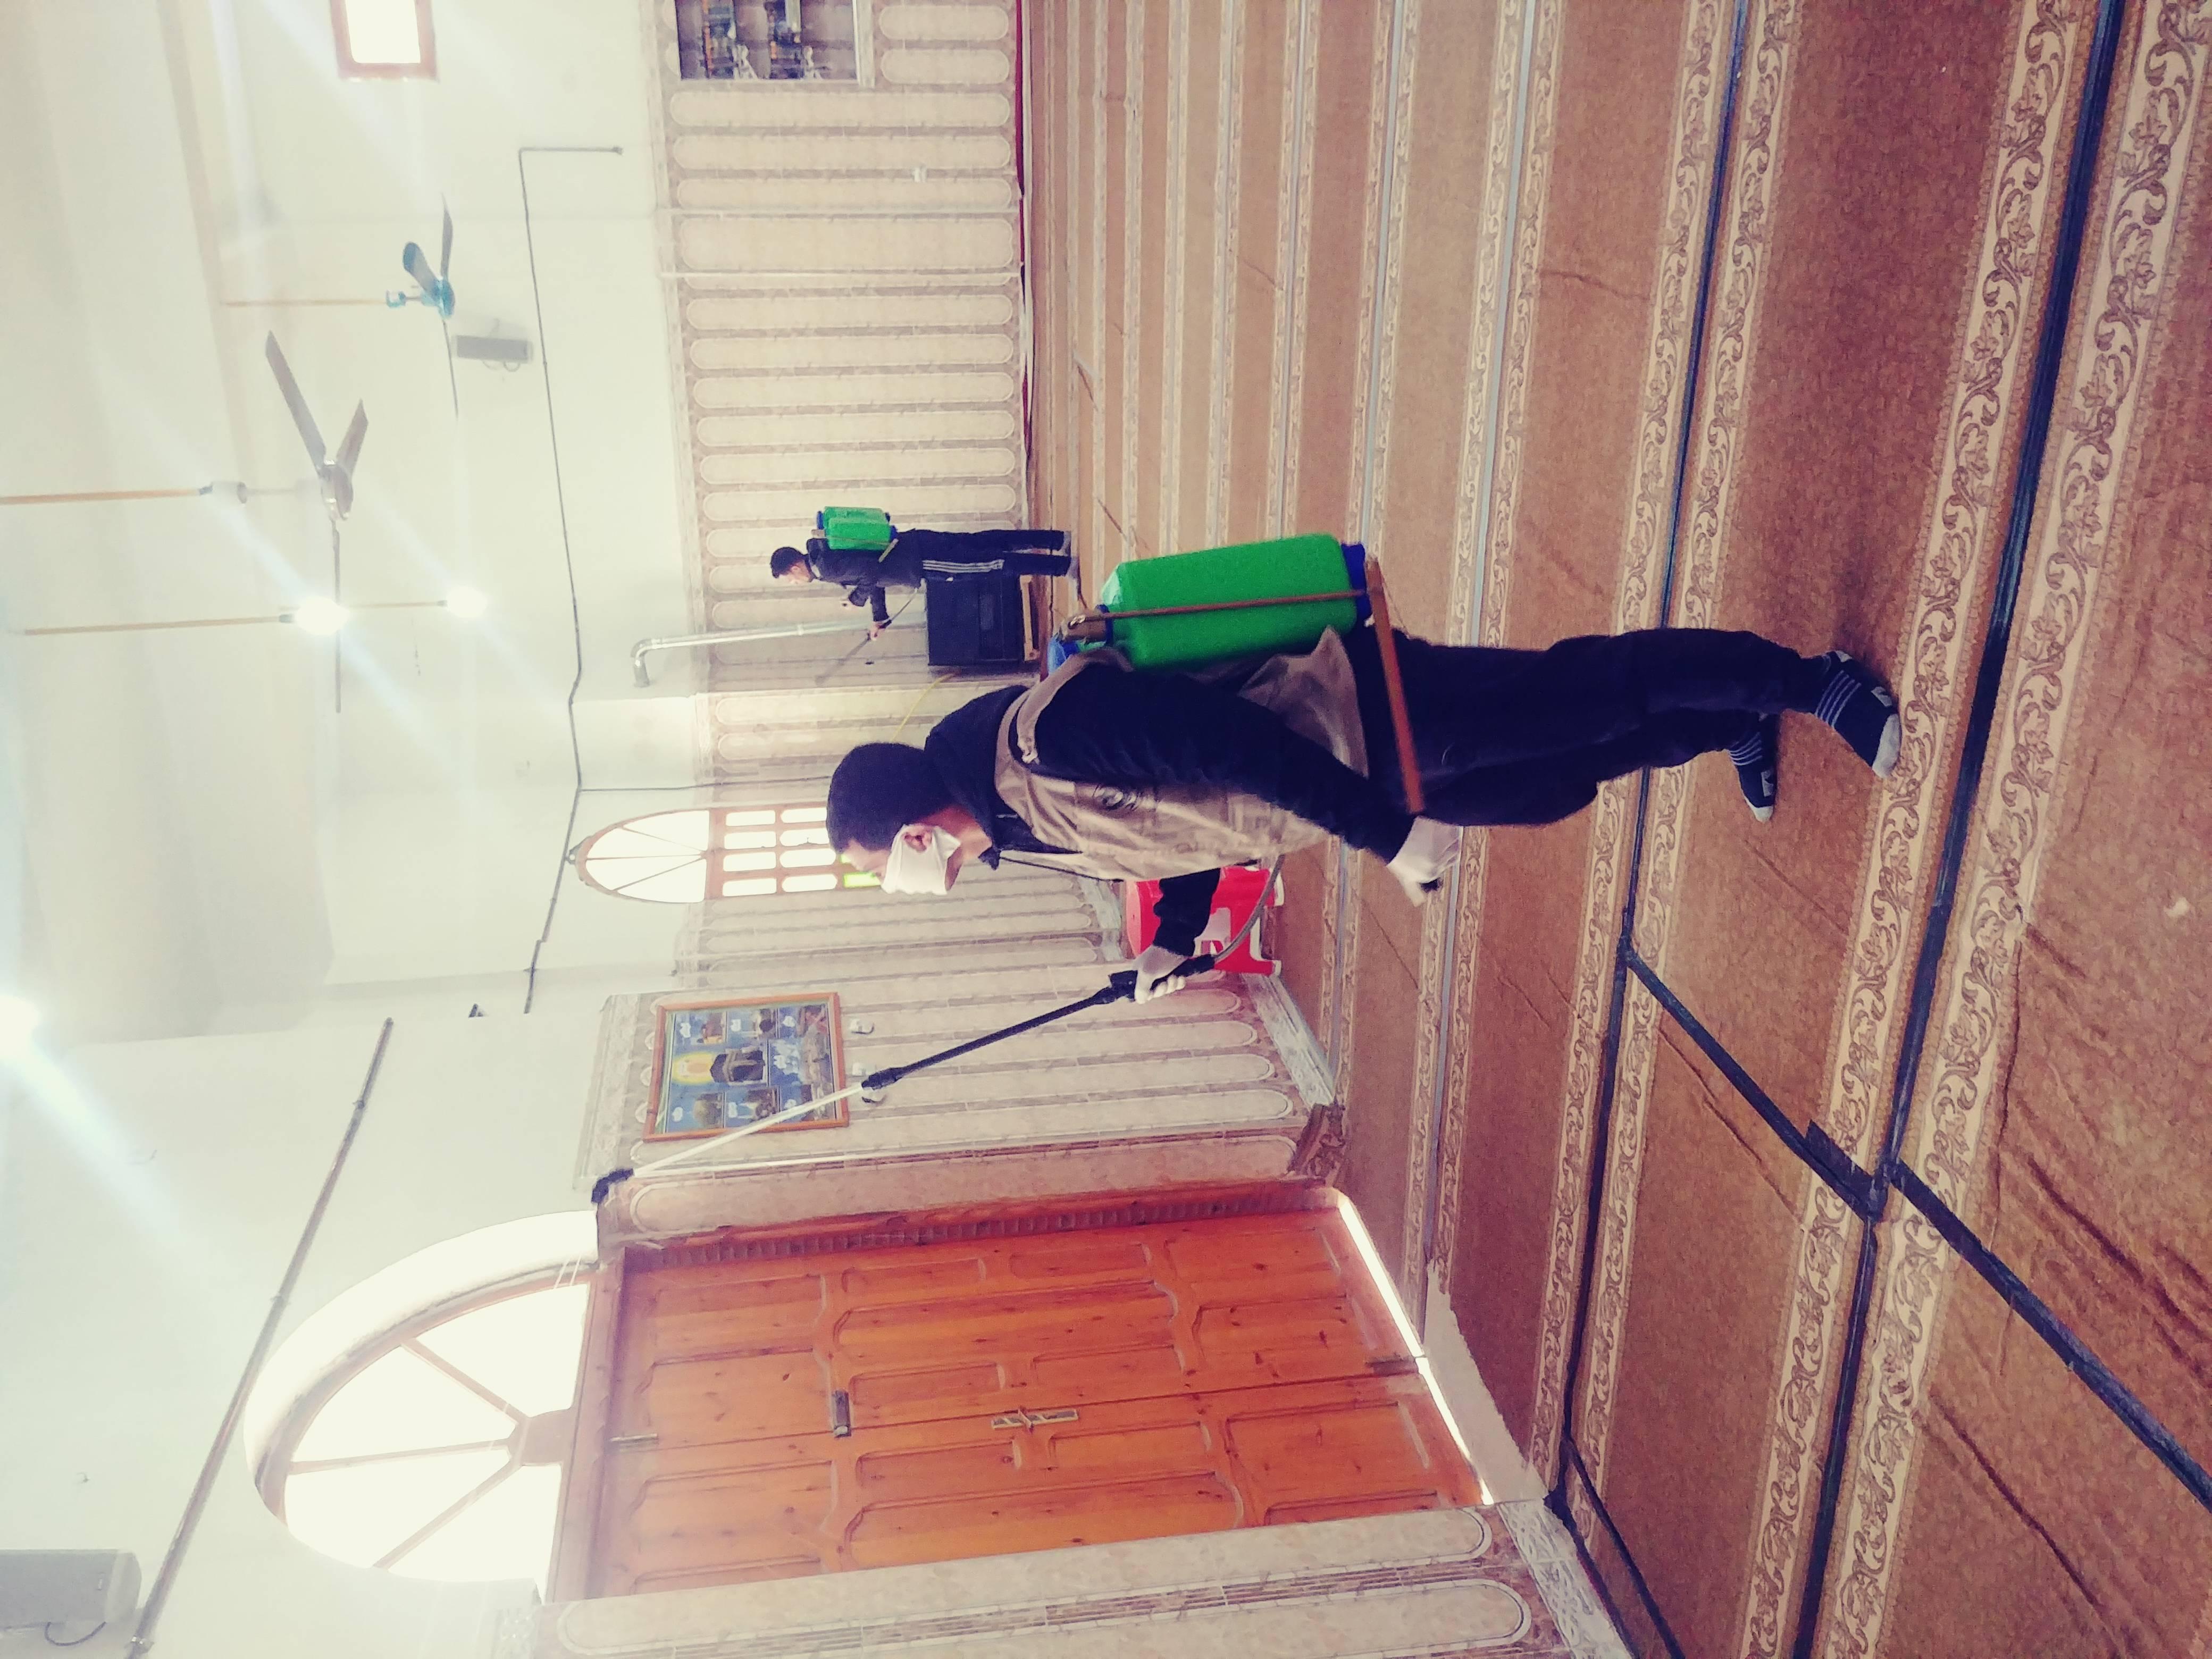 حملة تعقيم للمحلات و المقاهي و المساجد  - قدماء الكشافة الاسلامية الجزائرية - فوج محمد بوراس العقلة ولاية تبسة -